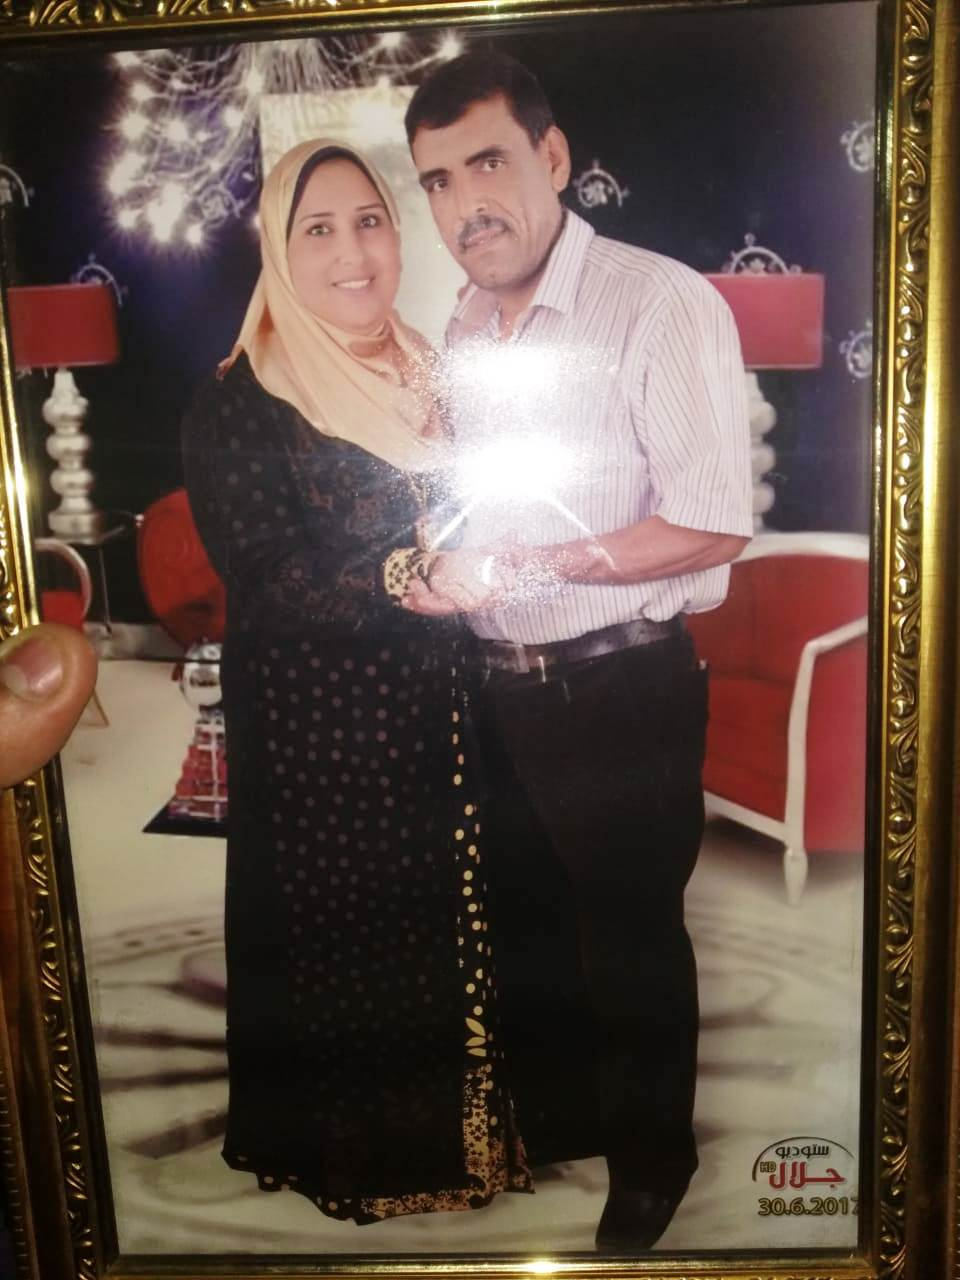 2- الزوج وزوجته ضحية المستشفى